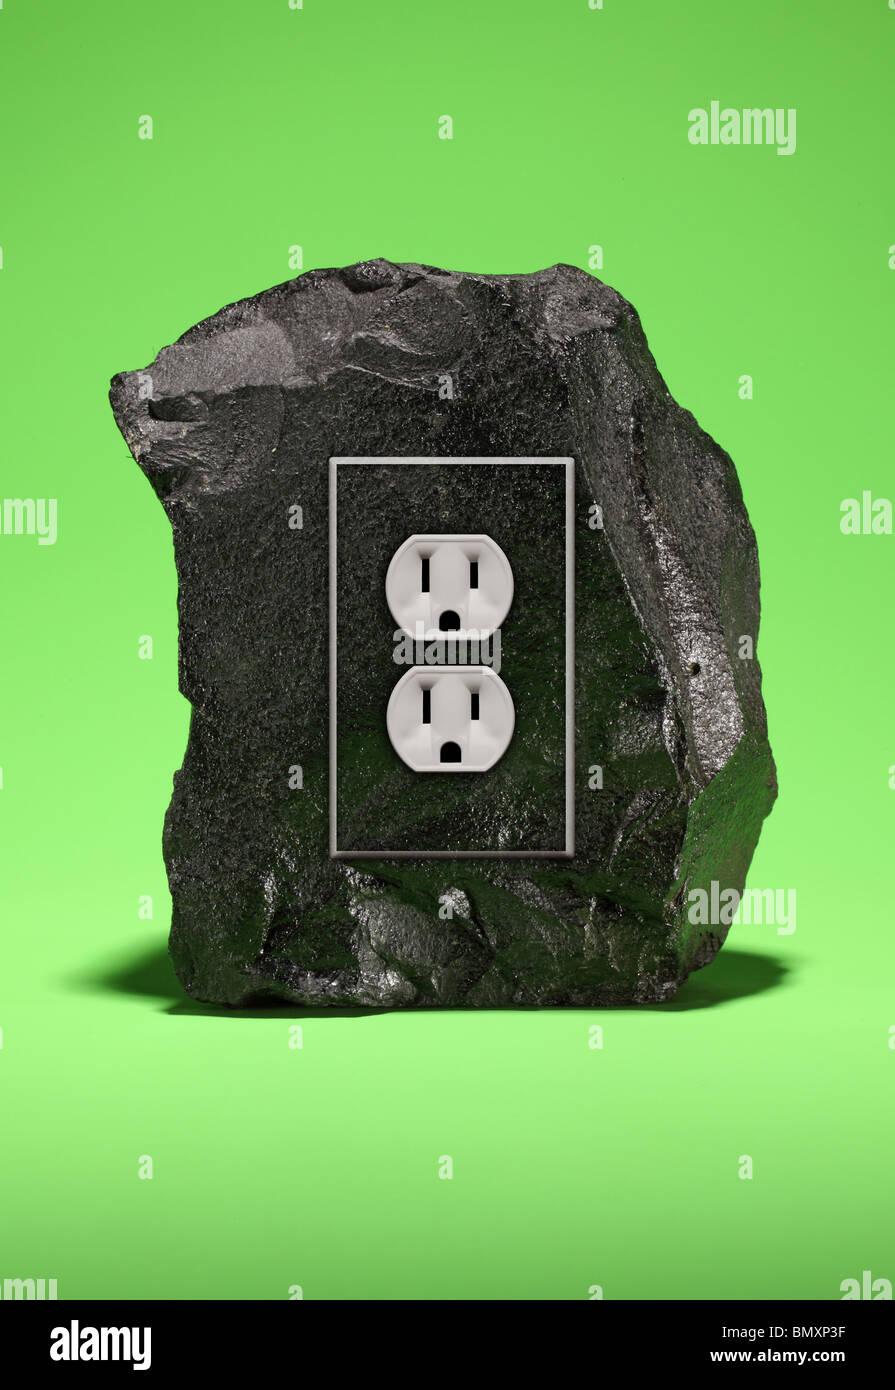 Un grand morceau de charbon avec un dispositif de prise de courant électrique sur un fond vert. Photo Stock